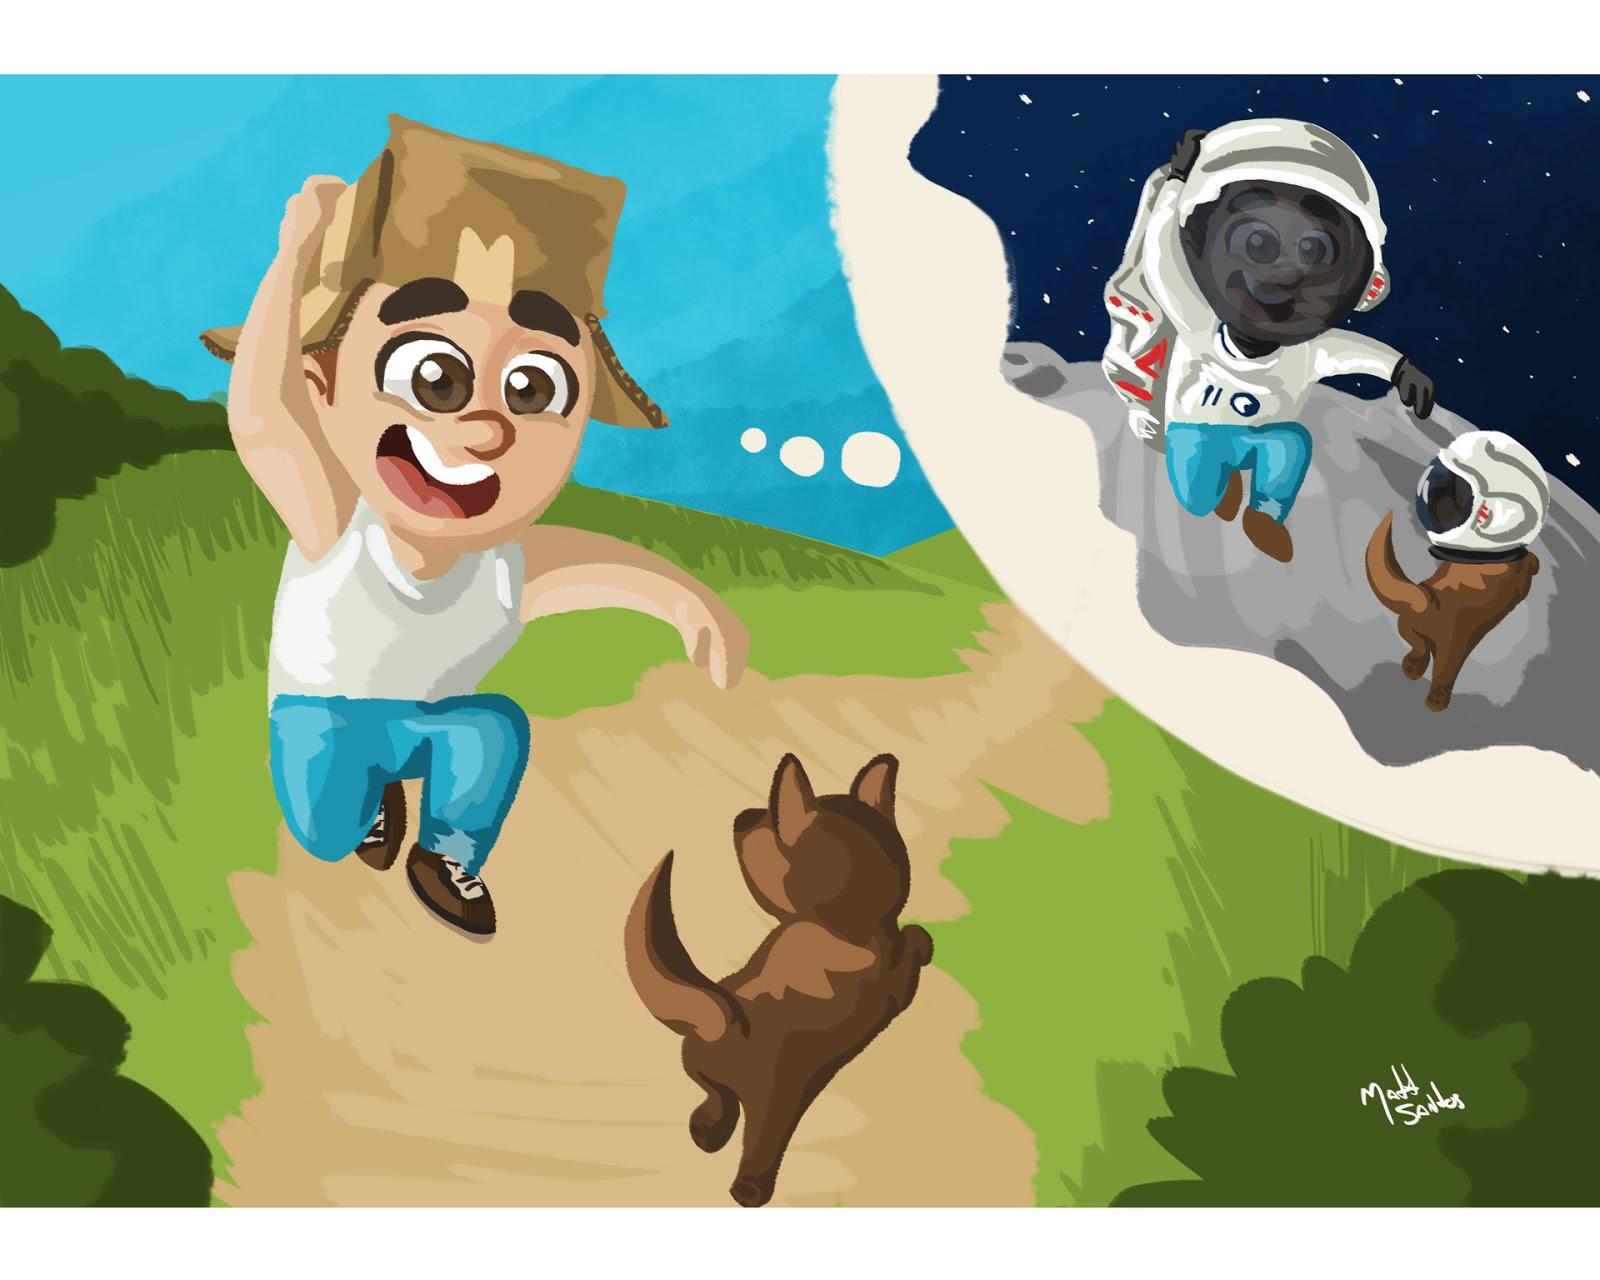 Coleção Ilustrações sobre a Imaginação das Crianças